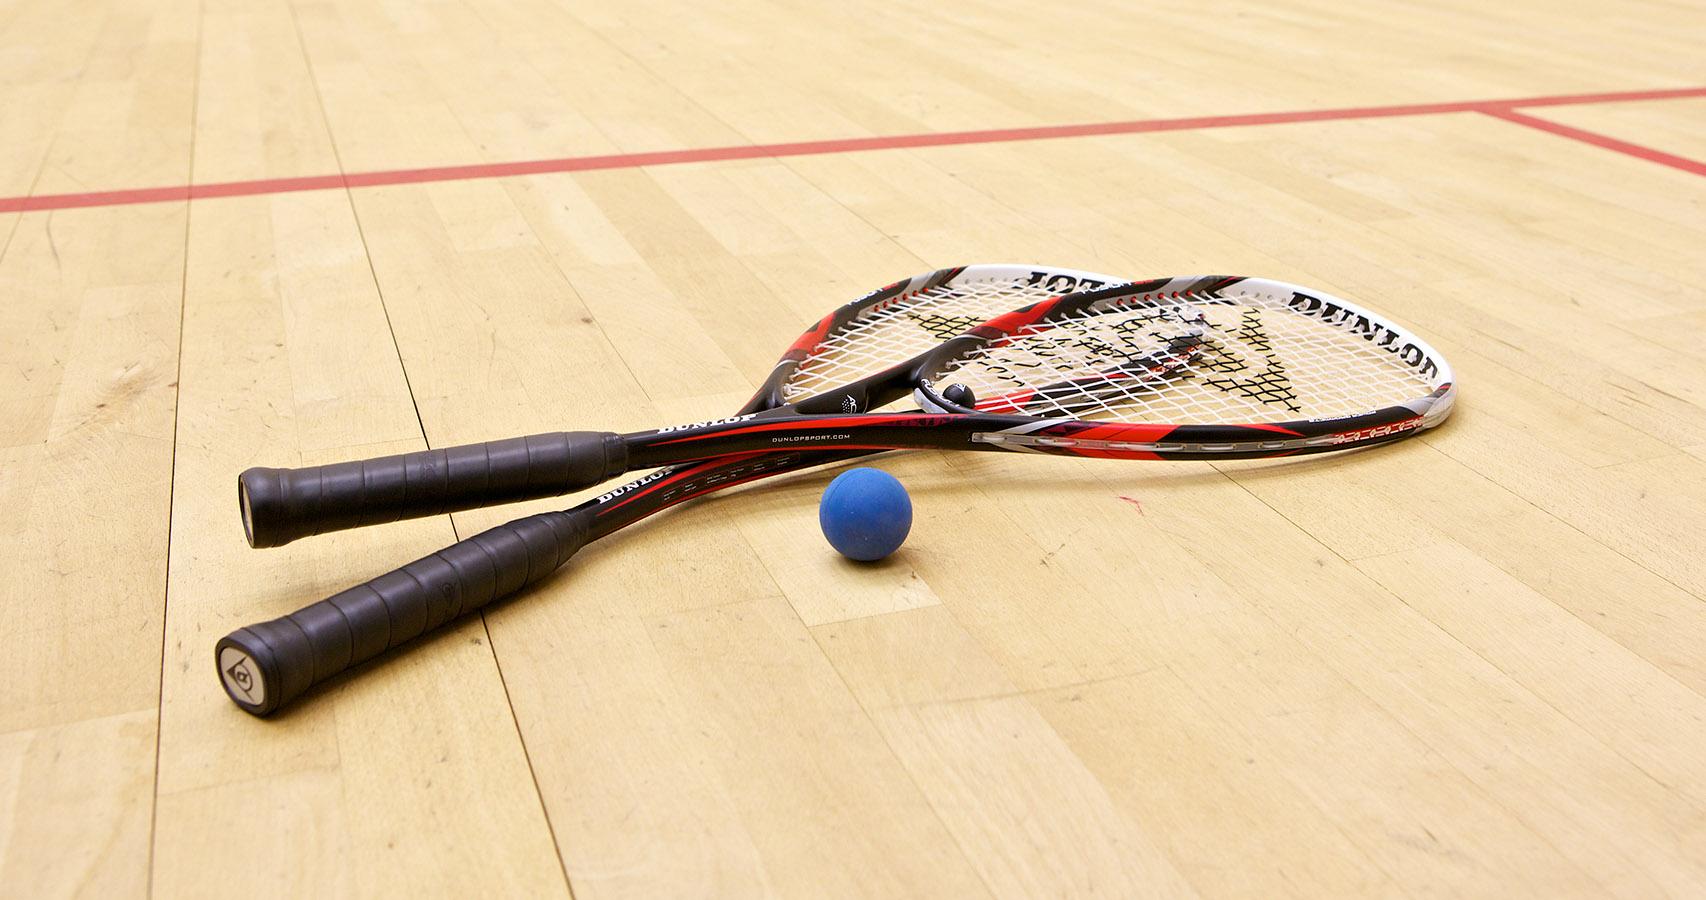 Squash game racket